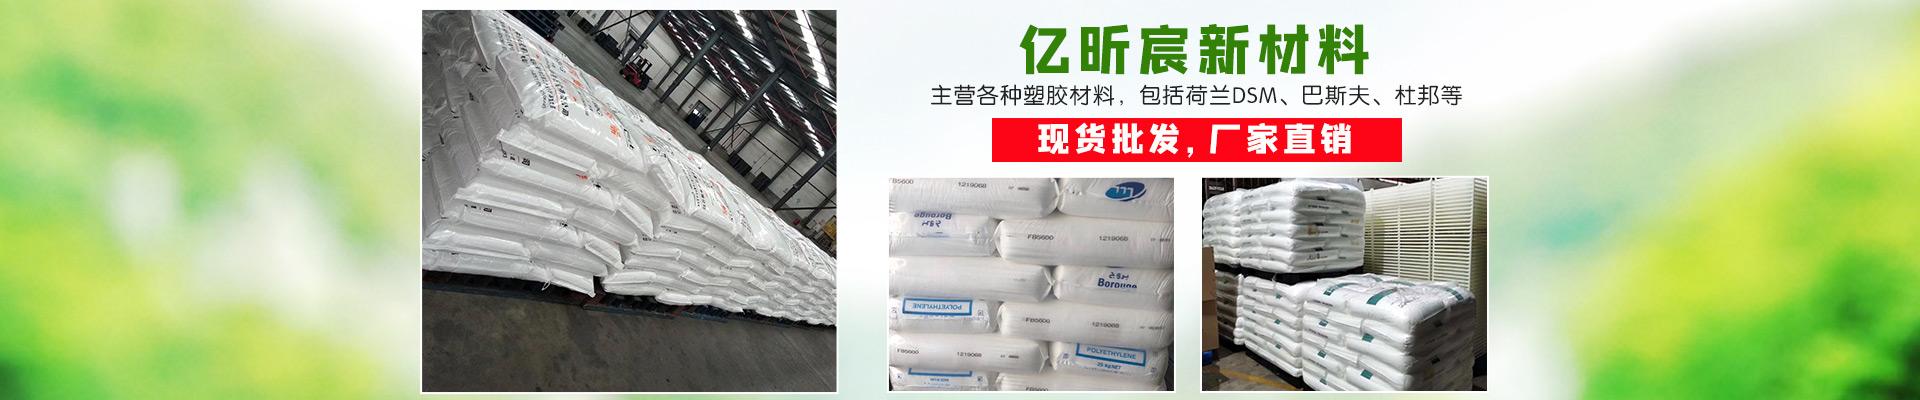 福建廈門授權PP阿曼聚丙烯Luban 1102 K 酒椰纖維,單絲,熱成型,捆扎帶